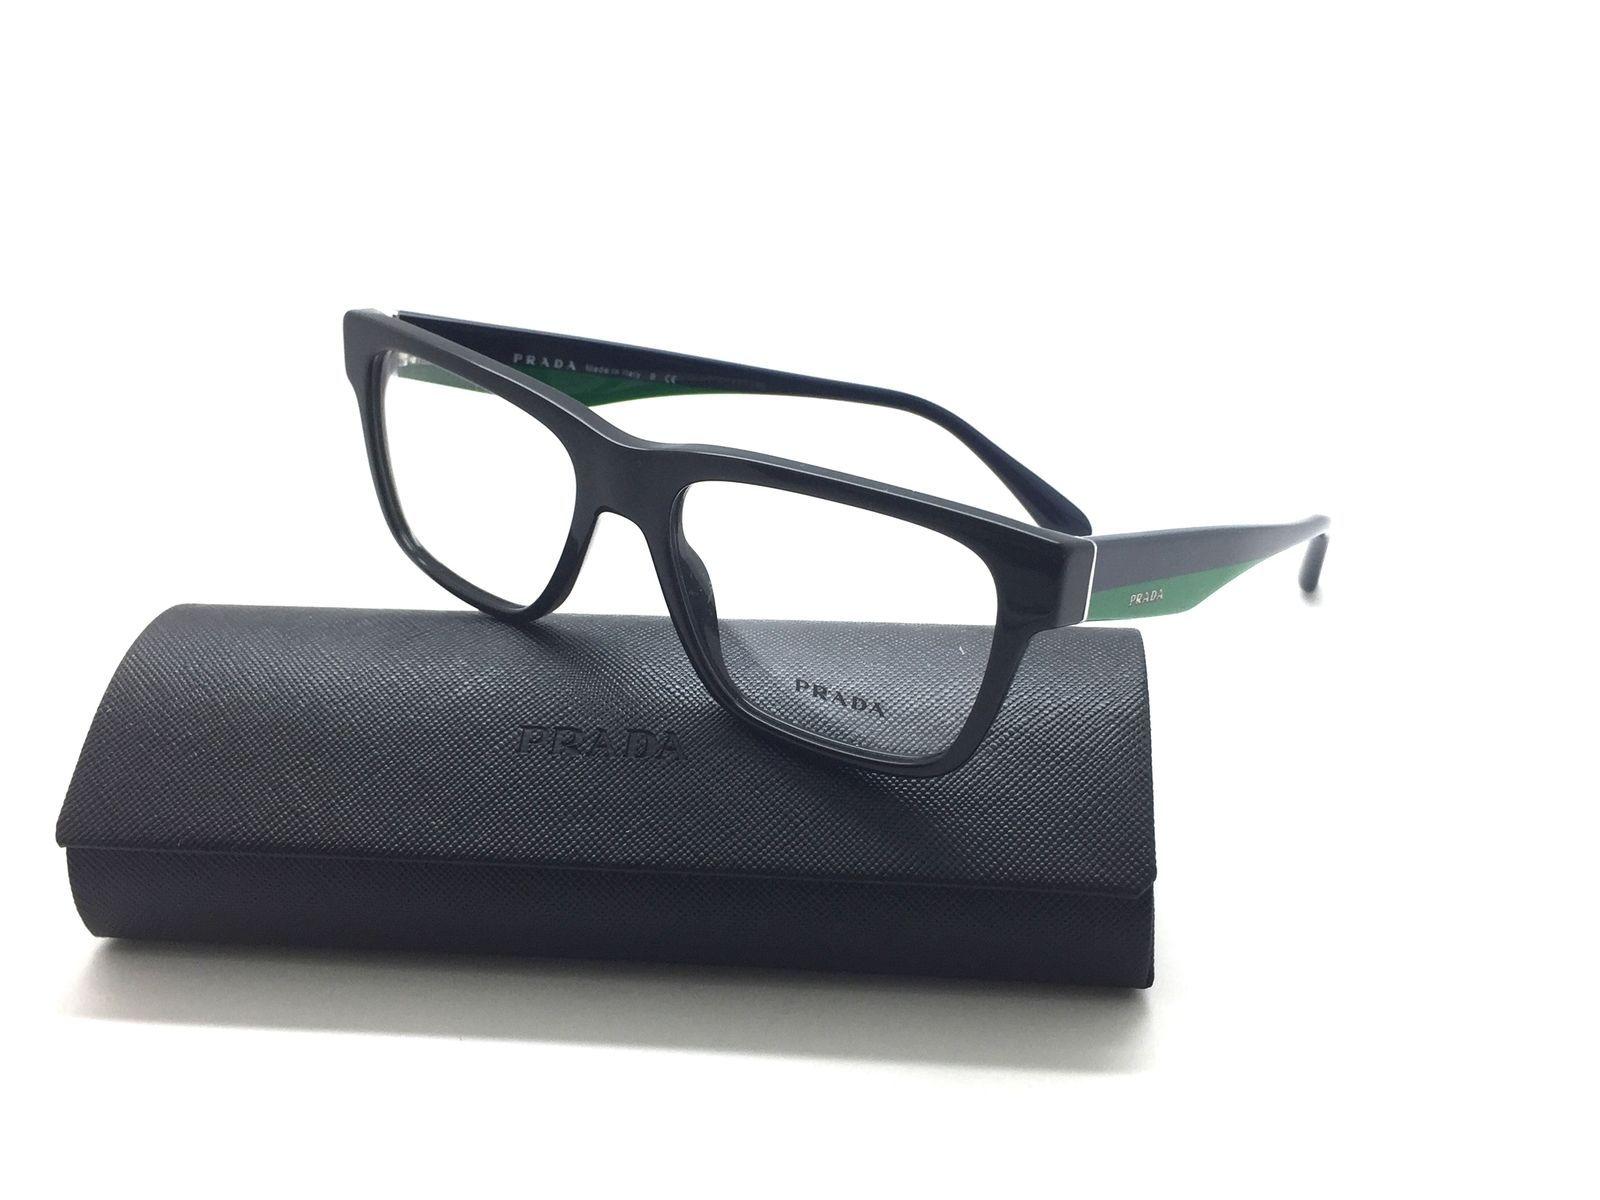 08ddd9d450b Prada VPR 16R 1AB-1O1 Black Blue Green and 50 similar items